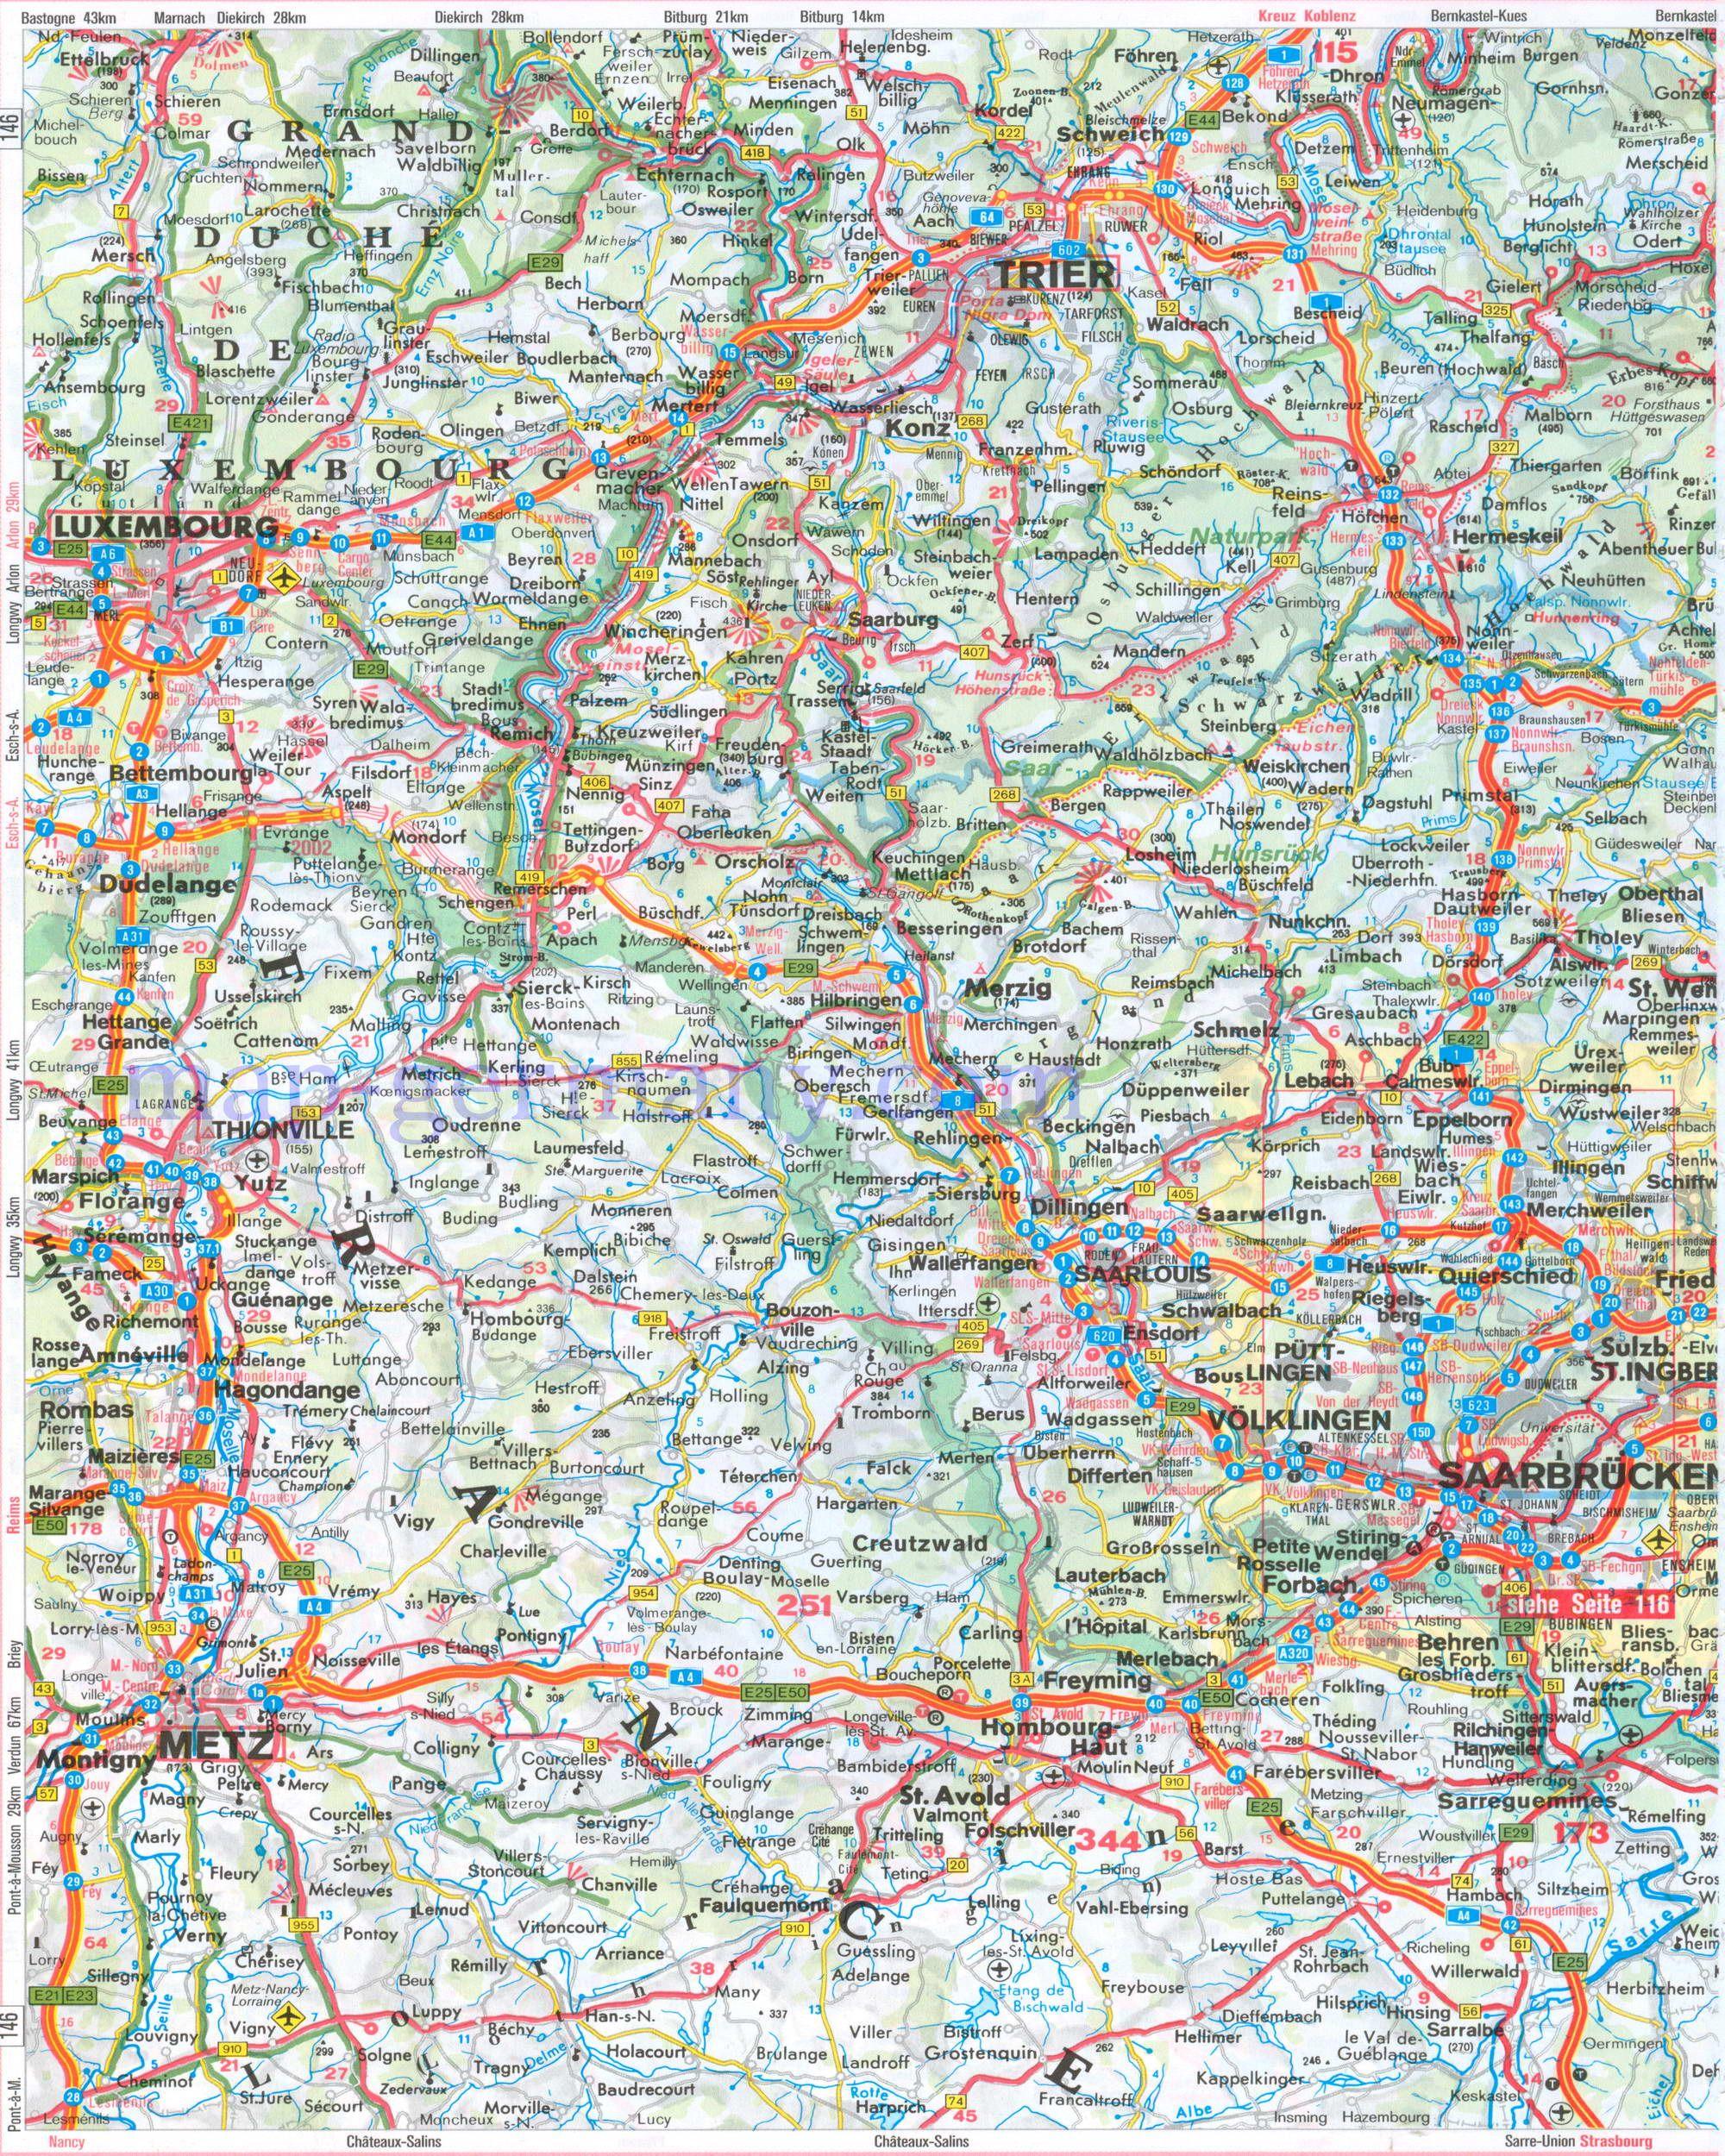 Rhineland Palatinate Germany Map See more at httpwww